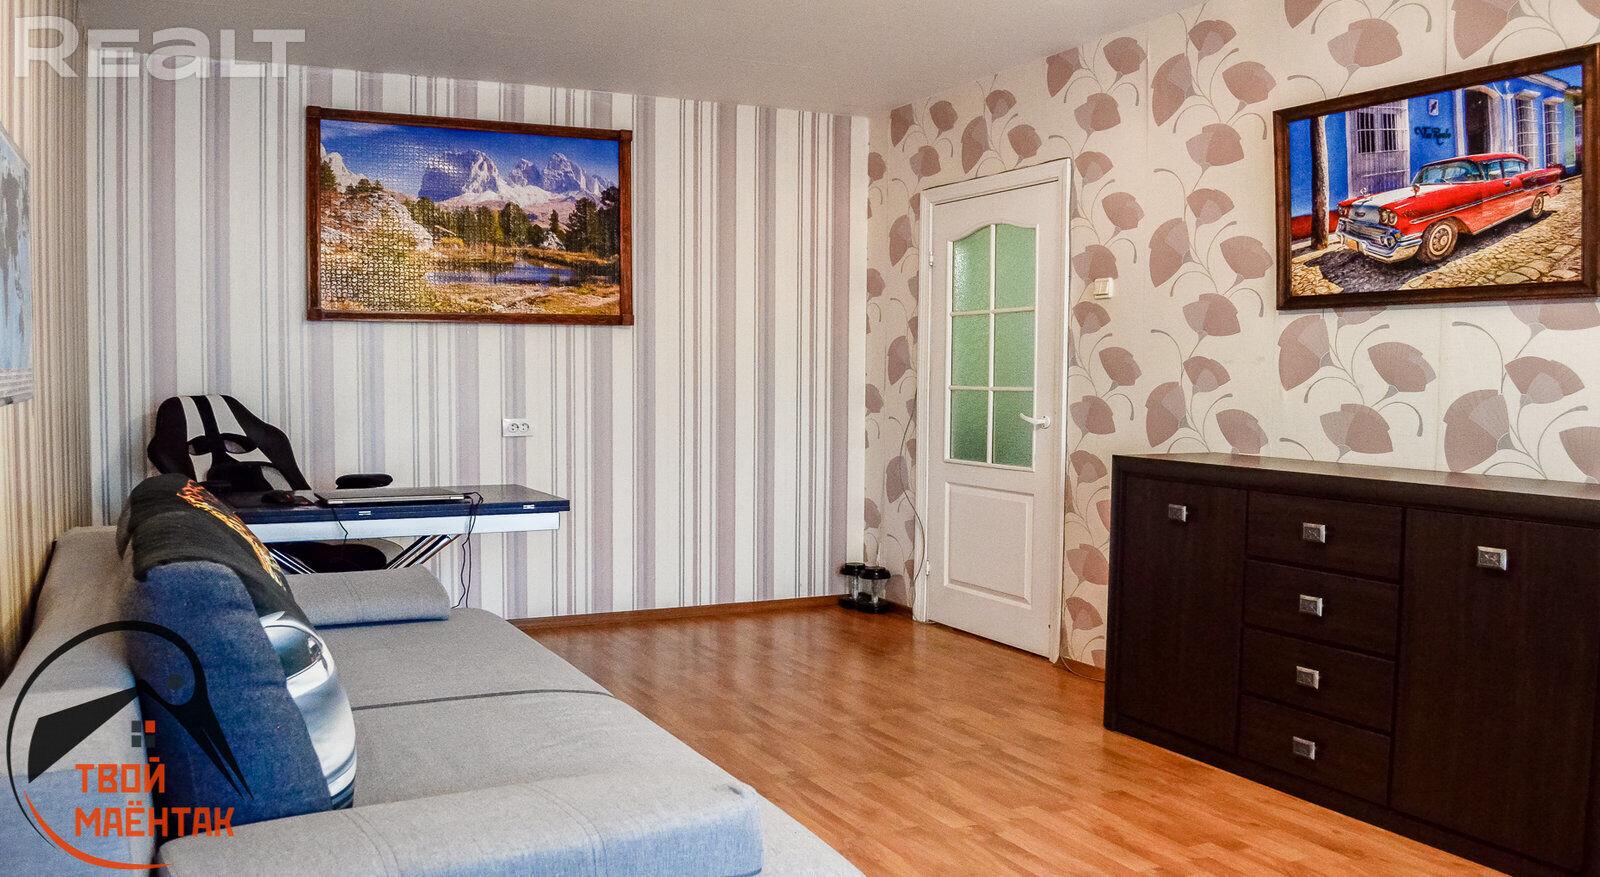 Продается 1 комнатная квартира, ул. Лучины д.46 - фото №5